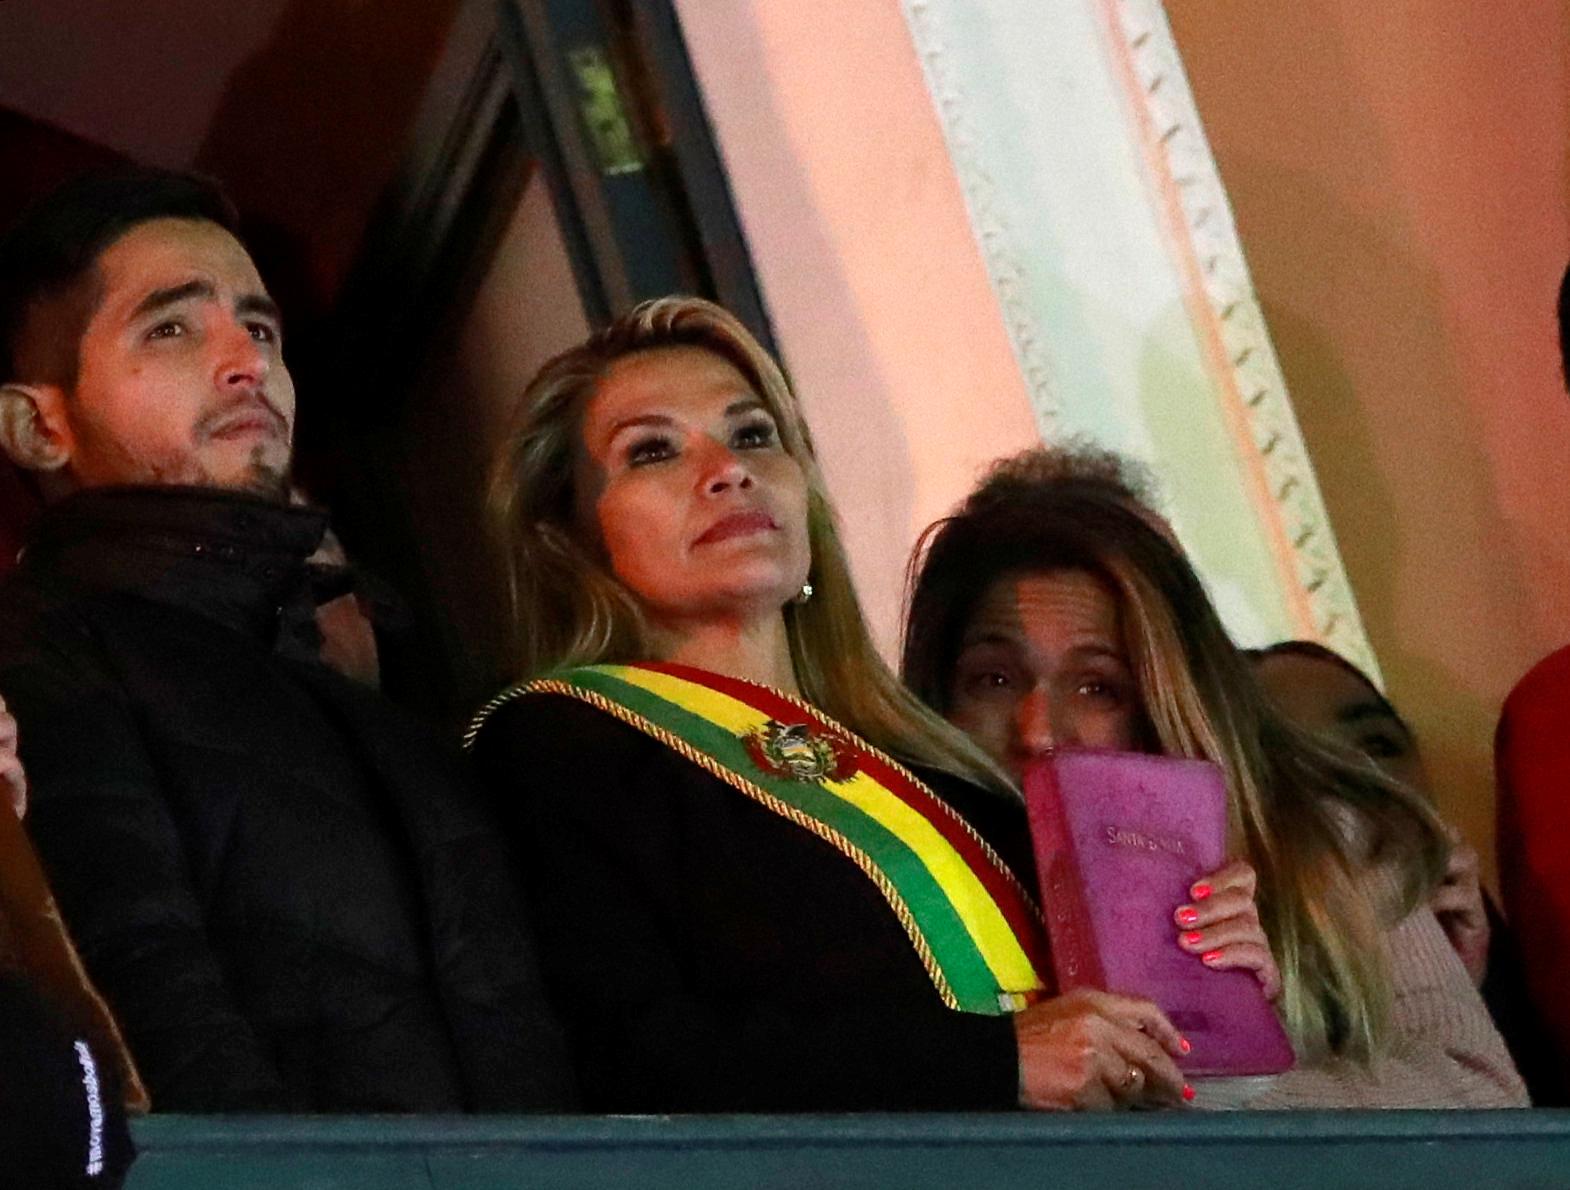 Malgré l'absence de quorum au Parlement, la deuxième vice-présidente de la Chambre des sénateurs au sein de l'Assemblée législative plurinationale de Bolivie, Jeanine Añez, s'est proclamée présidente par intérim le 10 novembre 2019, à la suite de la démission d'Evo Morales. /Photo prise le 12 novembre 2019/REUTERS/Henry Romero